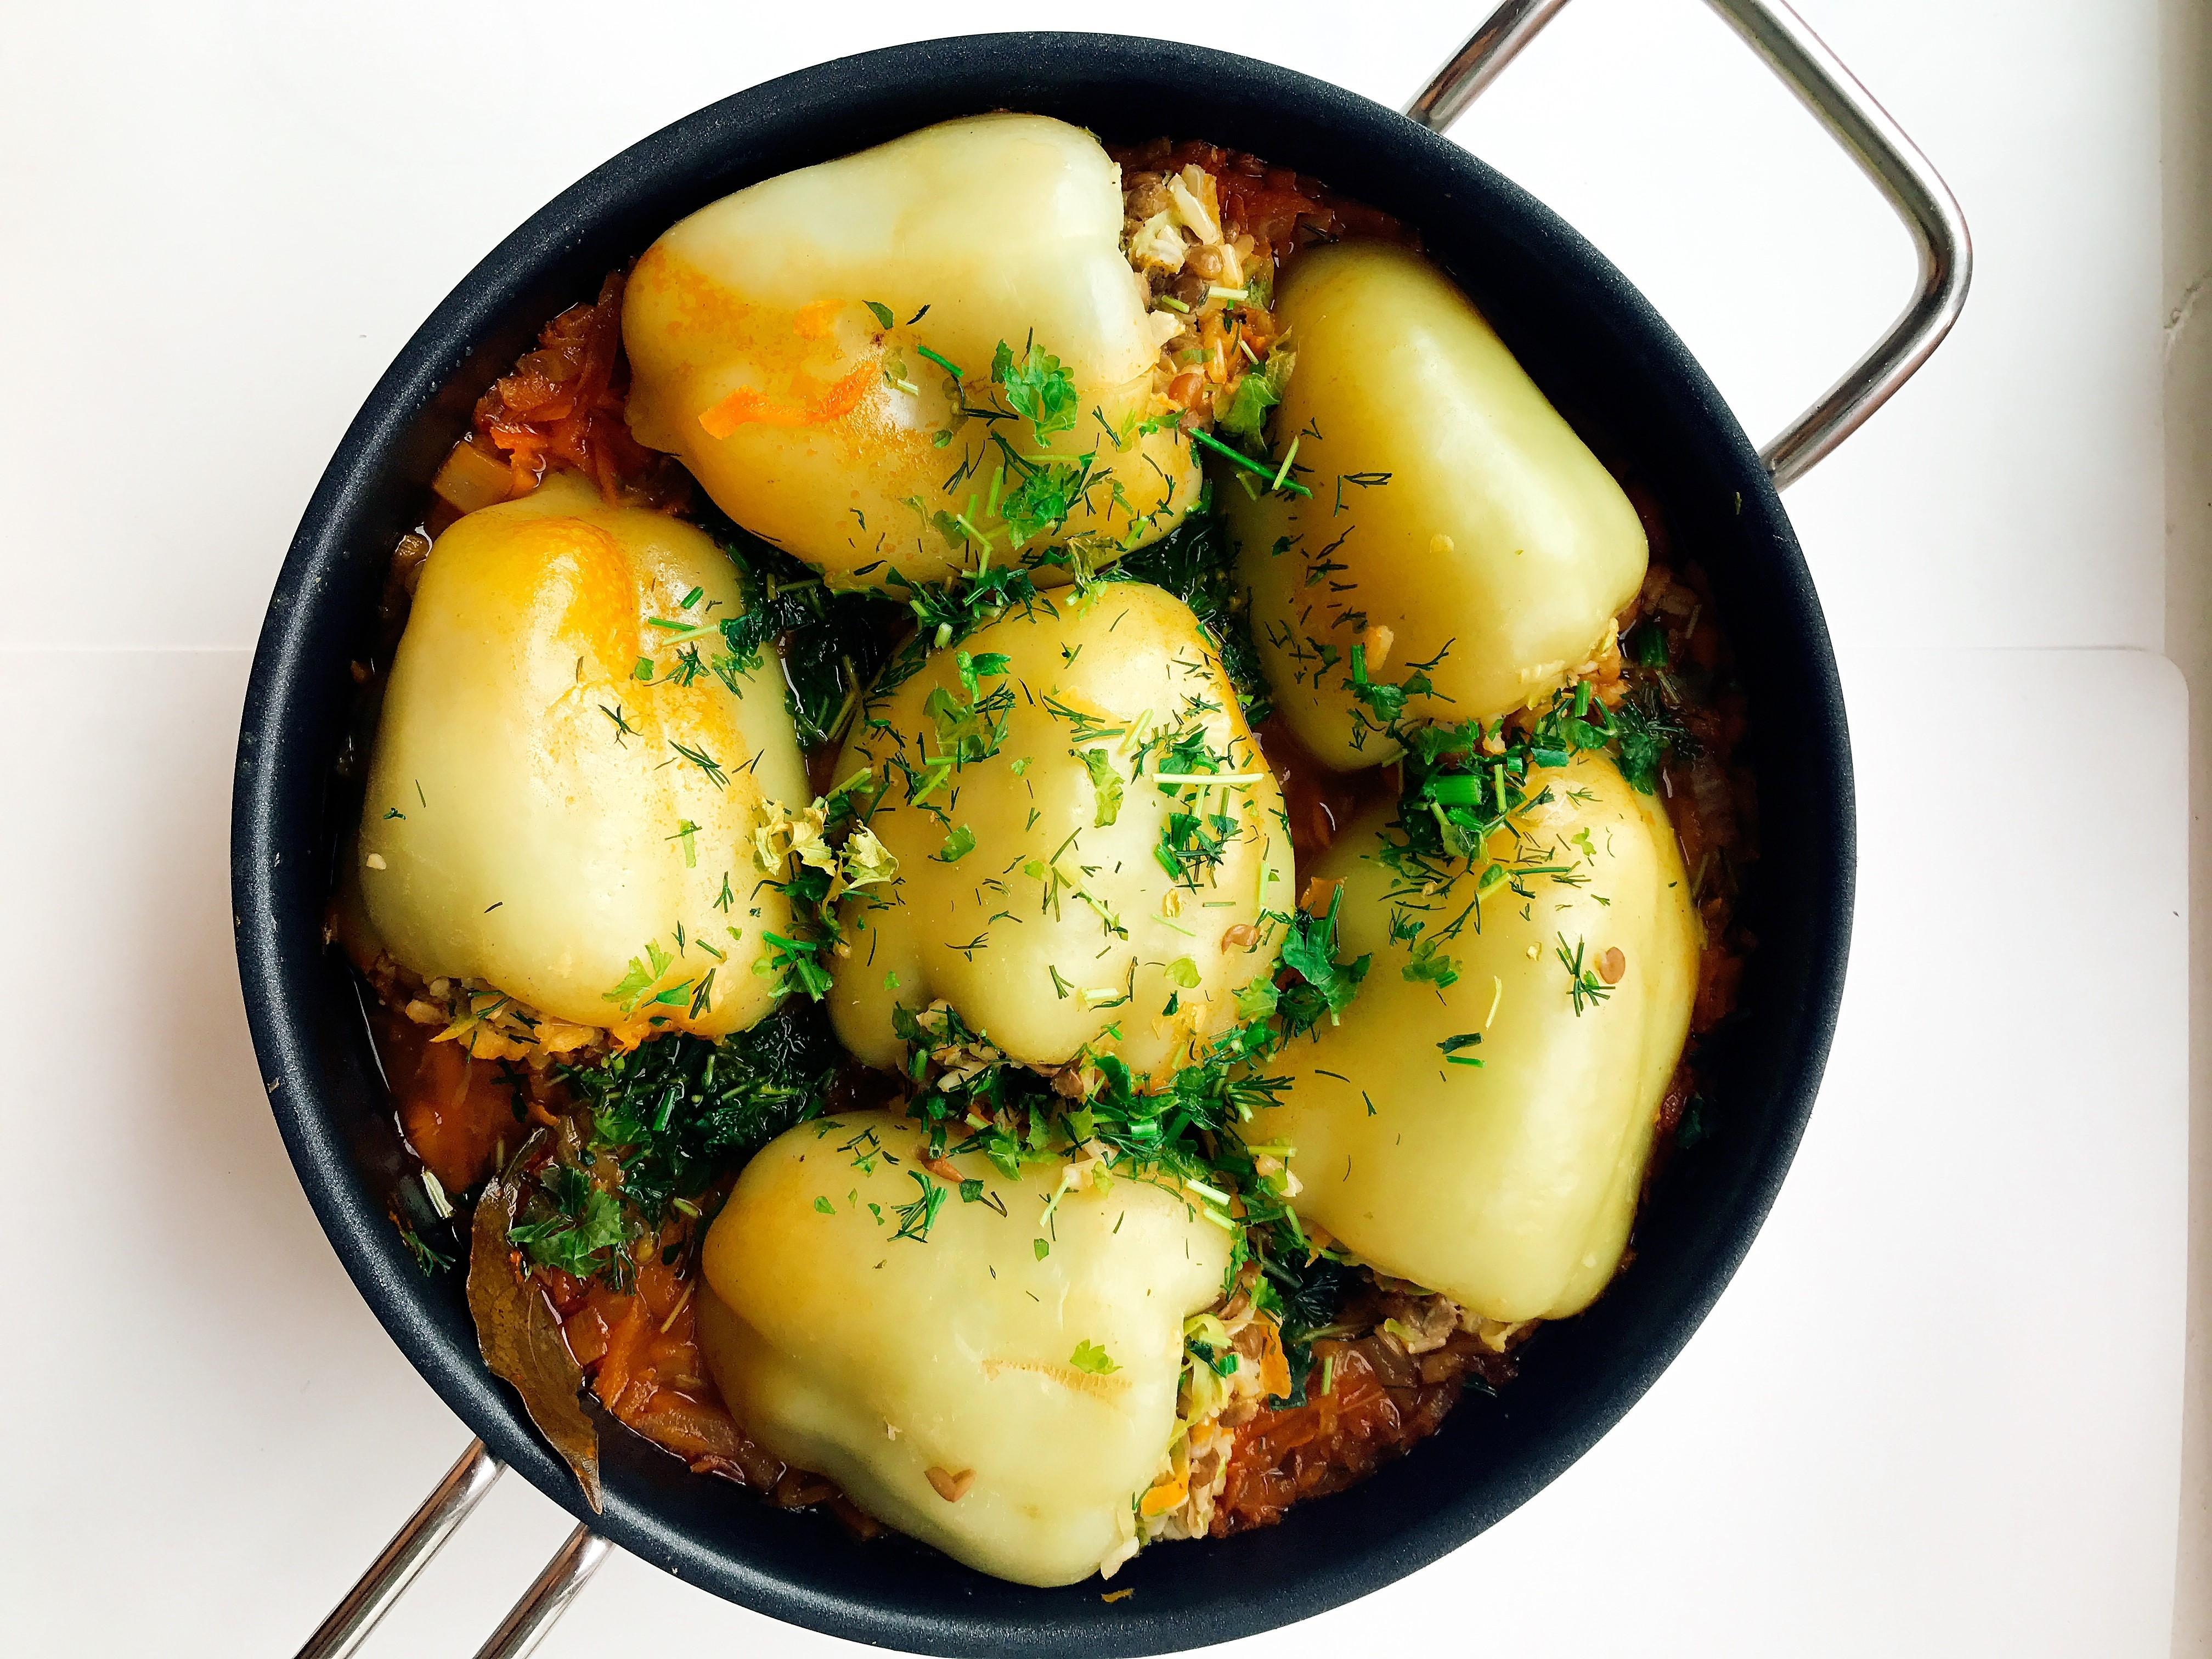 Картофель фаршированный грибами на тарелке